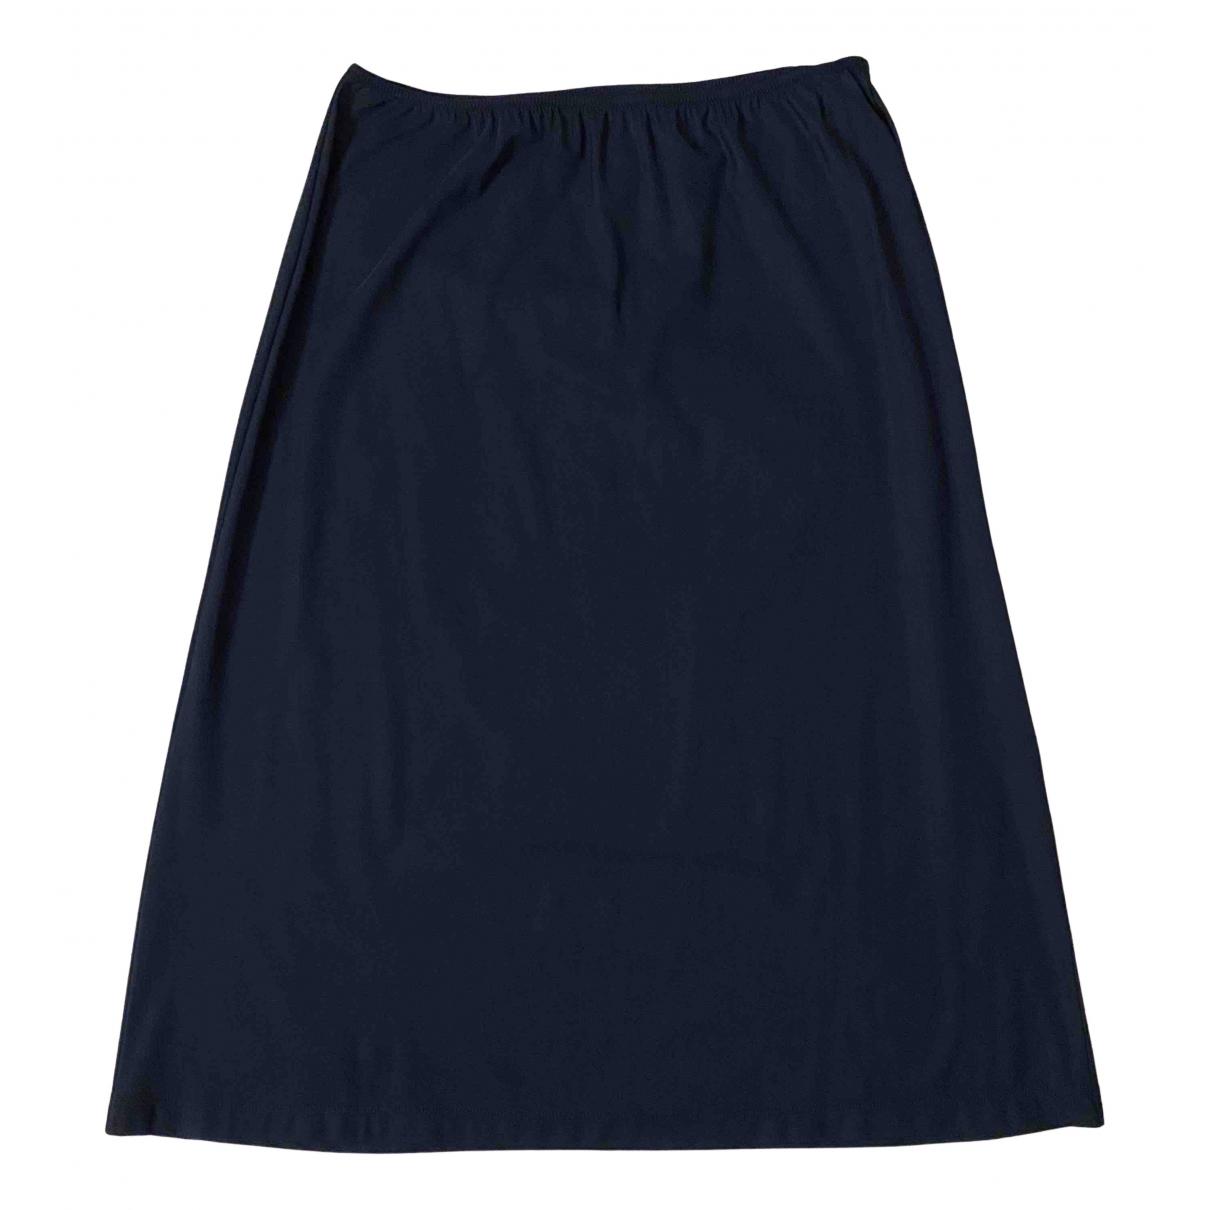 Mm6 N Black skirt for Women M International